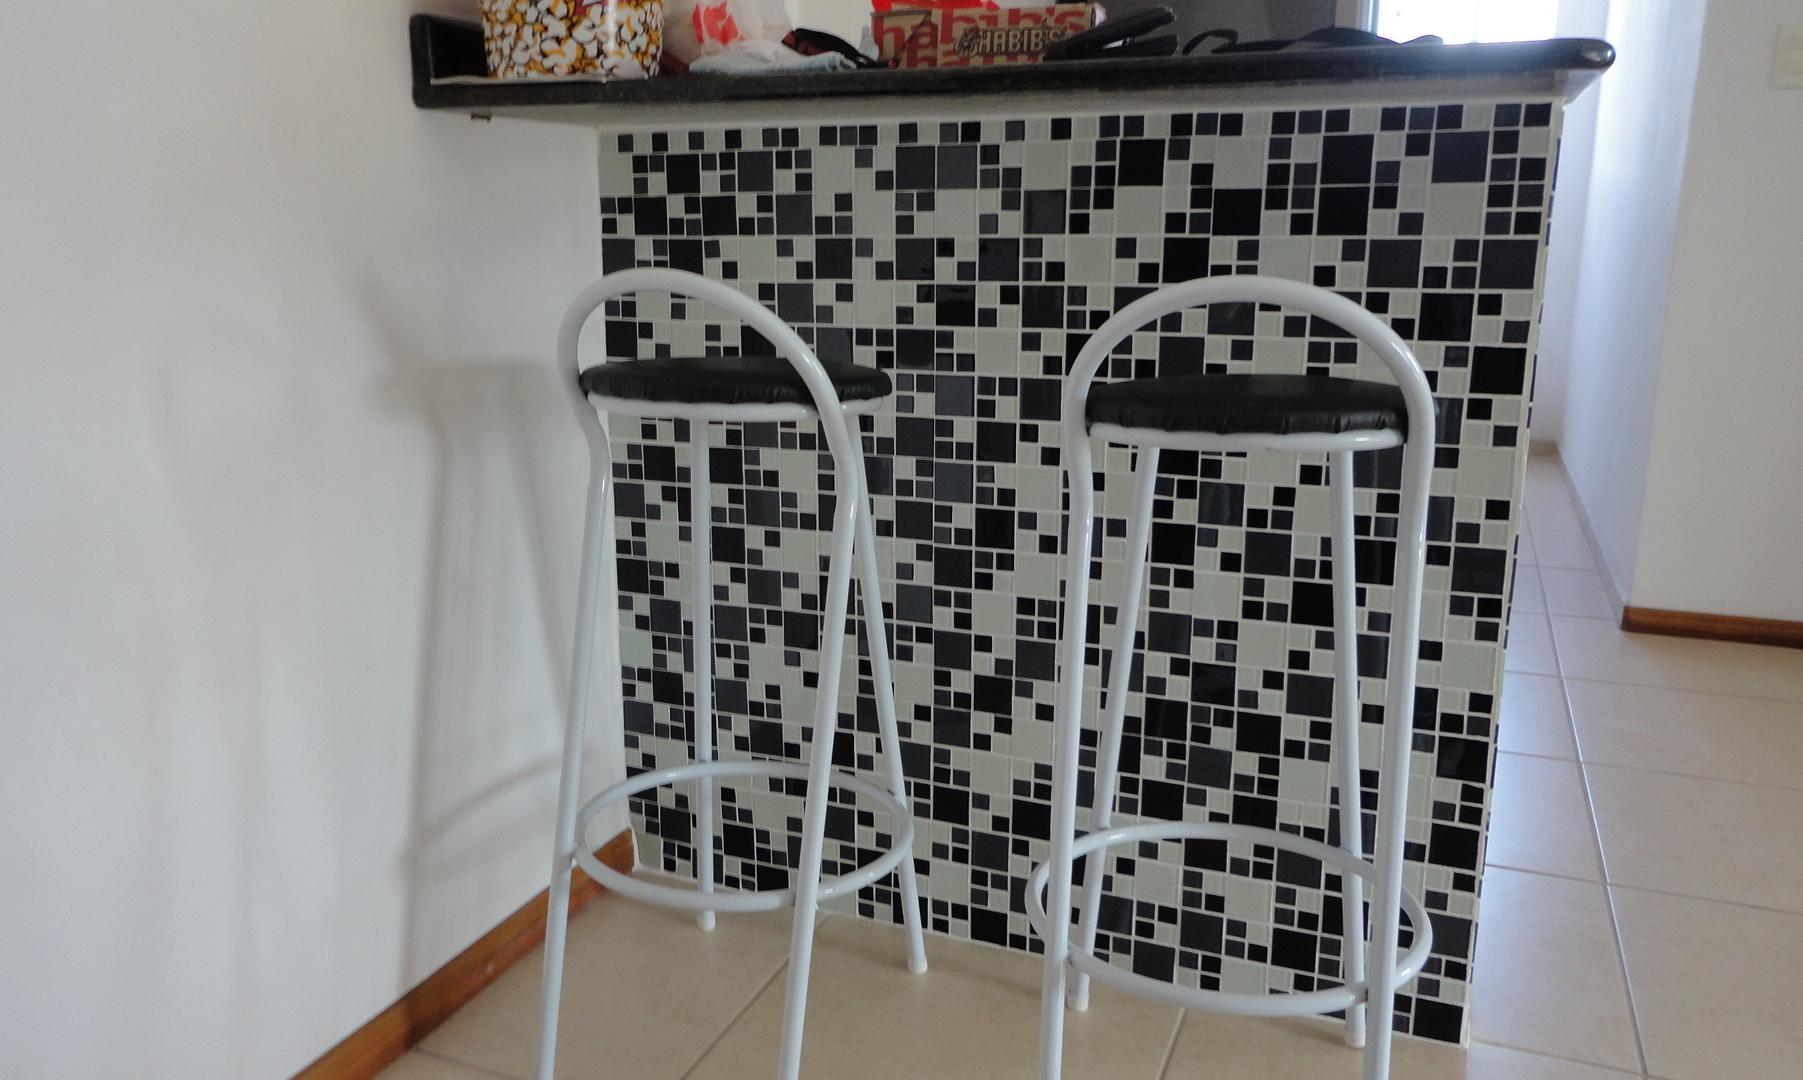 Pastilhas Miscelânea com Argamassa Branca (foto enviada por um de  #69402C 1803x1080 Banheiro Com Pastilha Branca E Preta